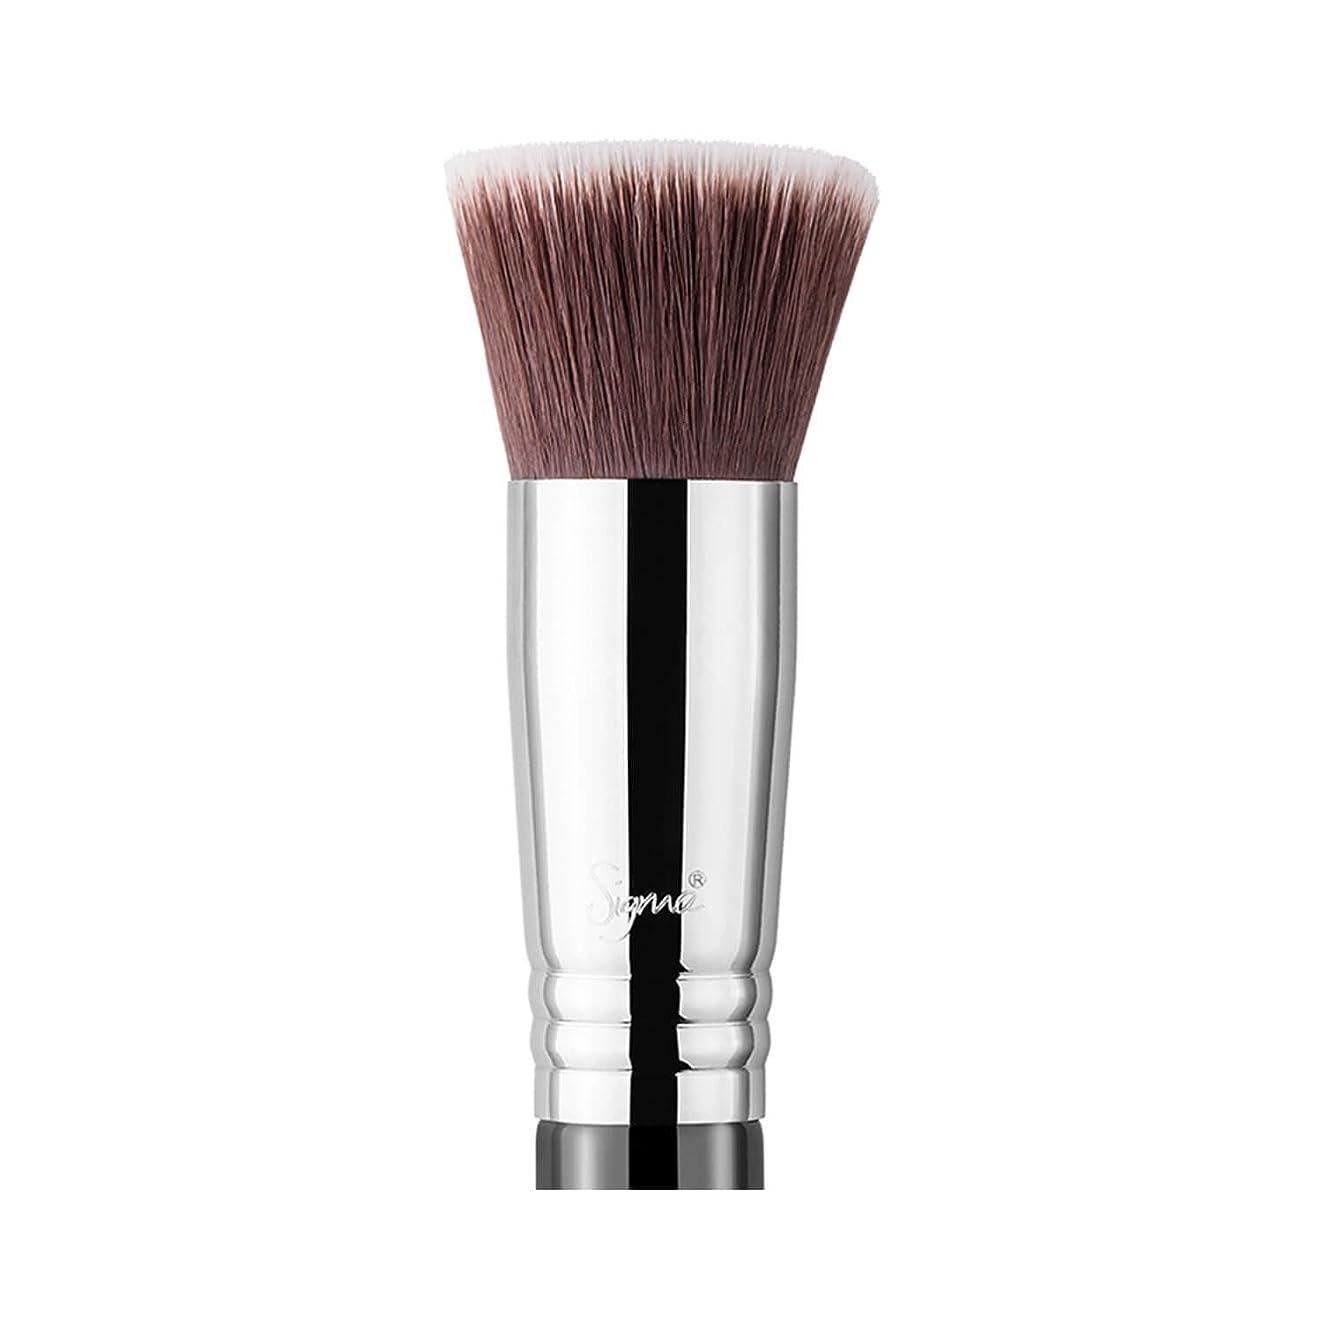 デザート踏みつけ洞察力Sigma Beauty F80 Flat Kabuki Brush -並行輸入品